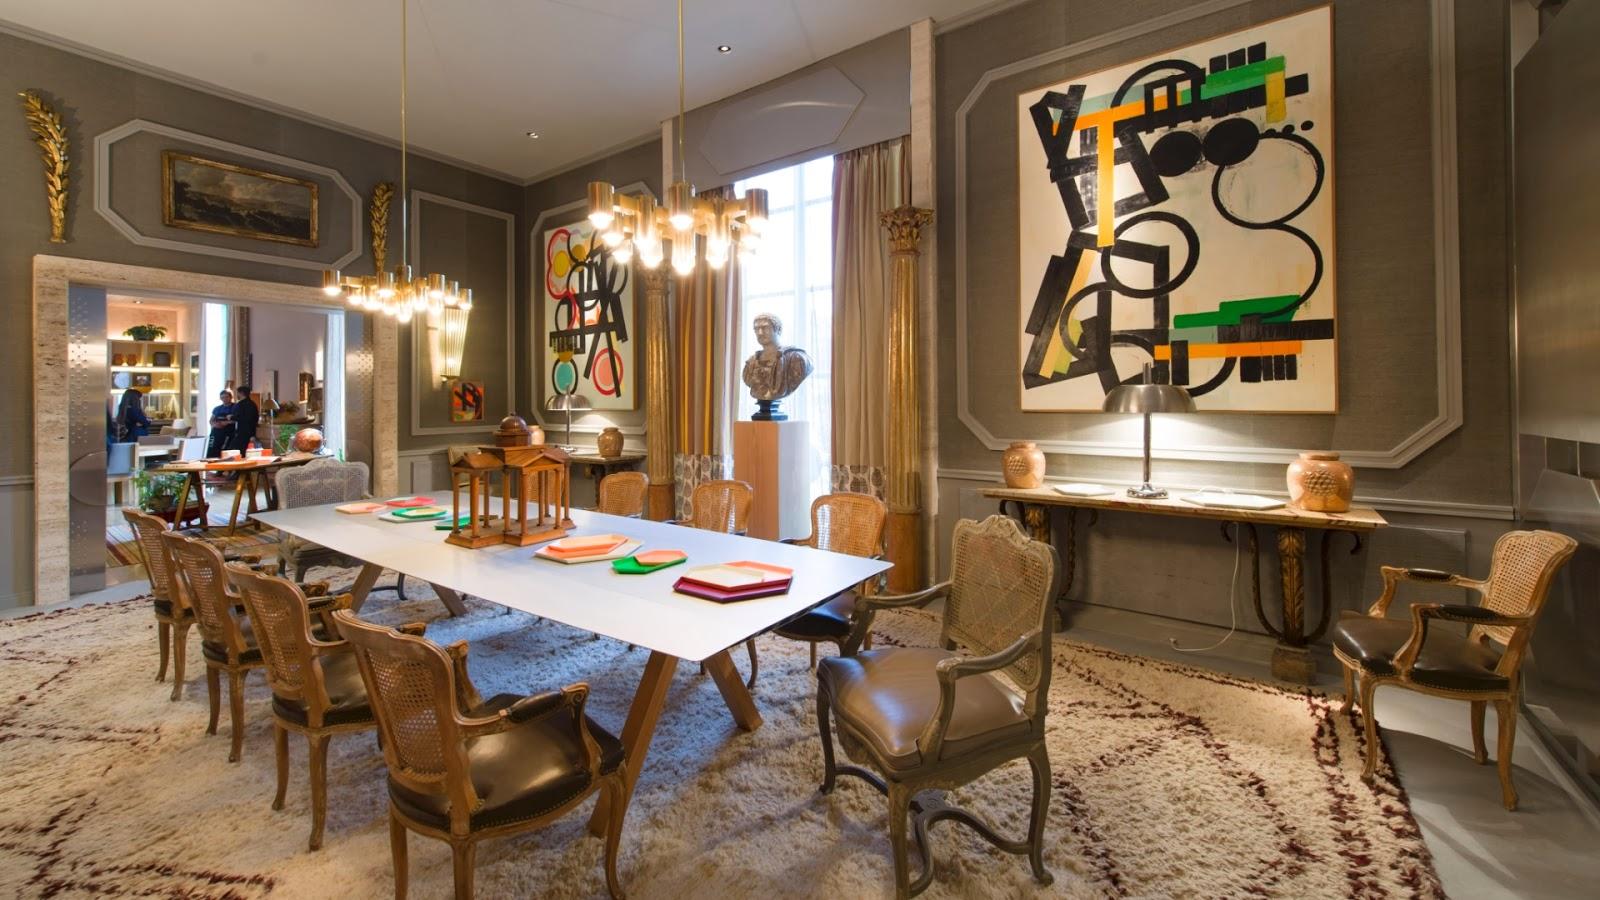 #1E6E24 Salas de jantar 50 modelos maravilhosos e dicas de como decorar  1600x900 píxeis em Decoração De Sala De Jantar Com Parede Cinza